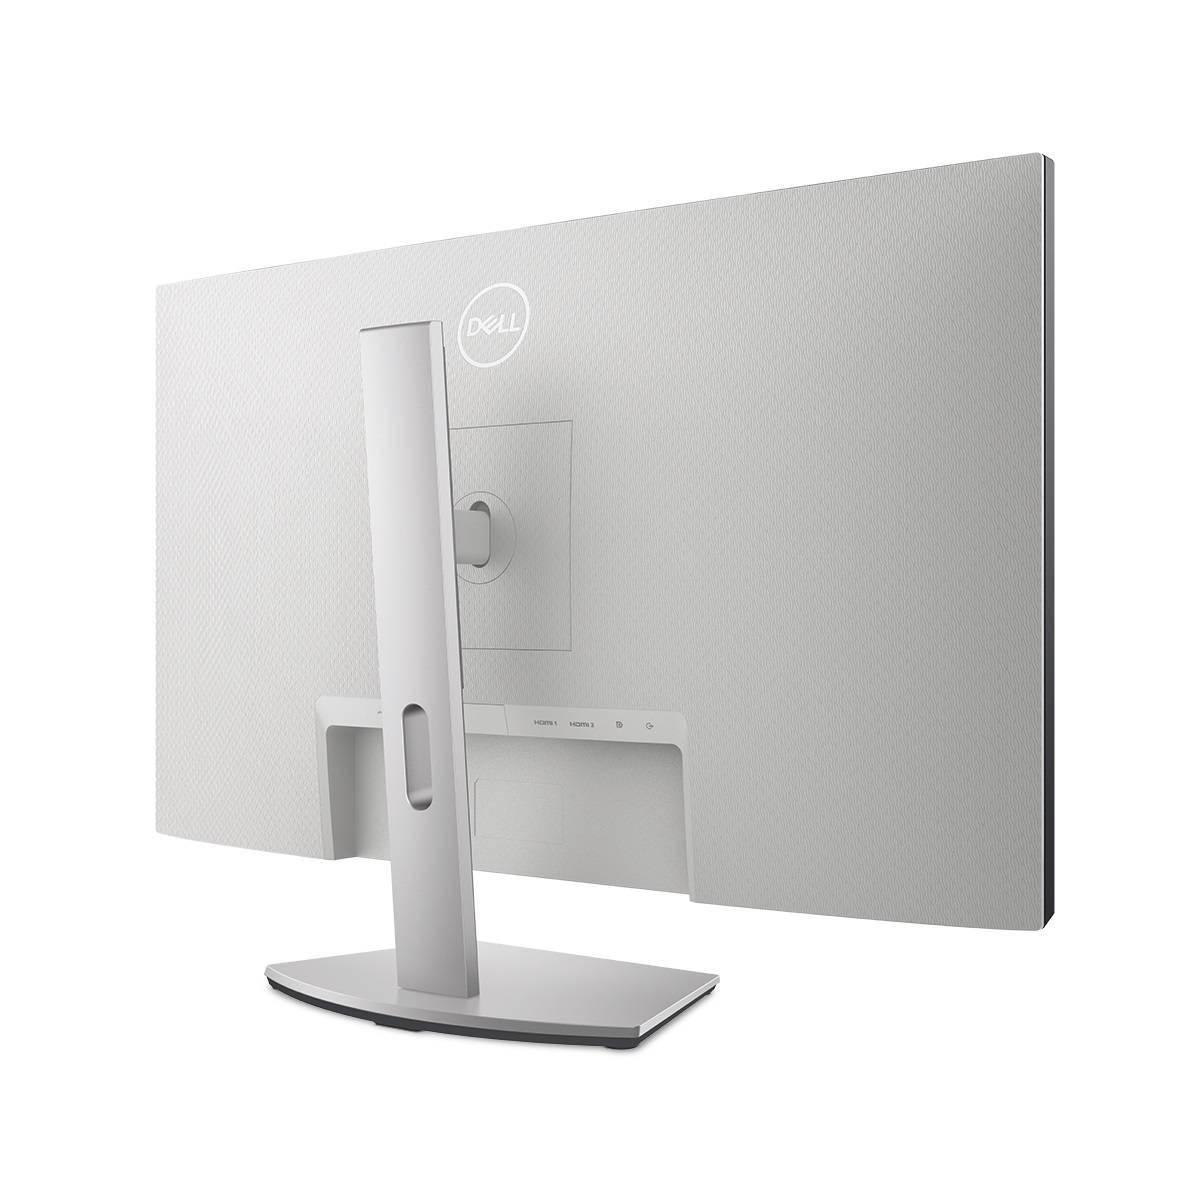 戴尔推出 S2721Q 显示器:4K HDR,自带扬声器